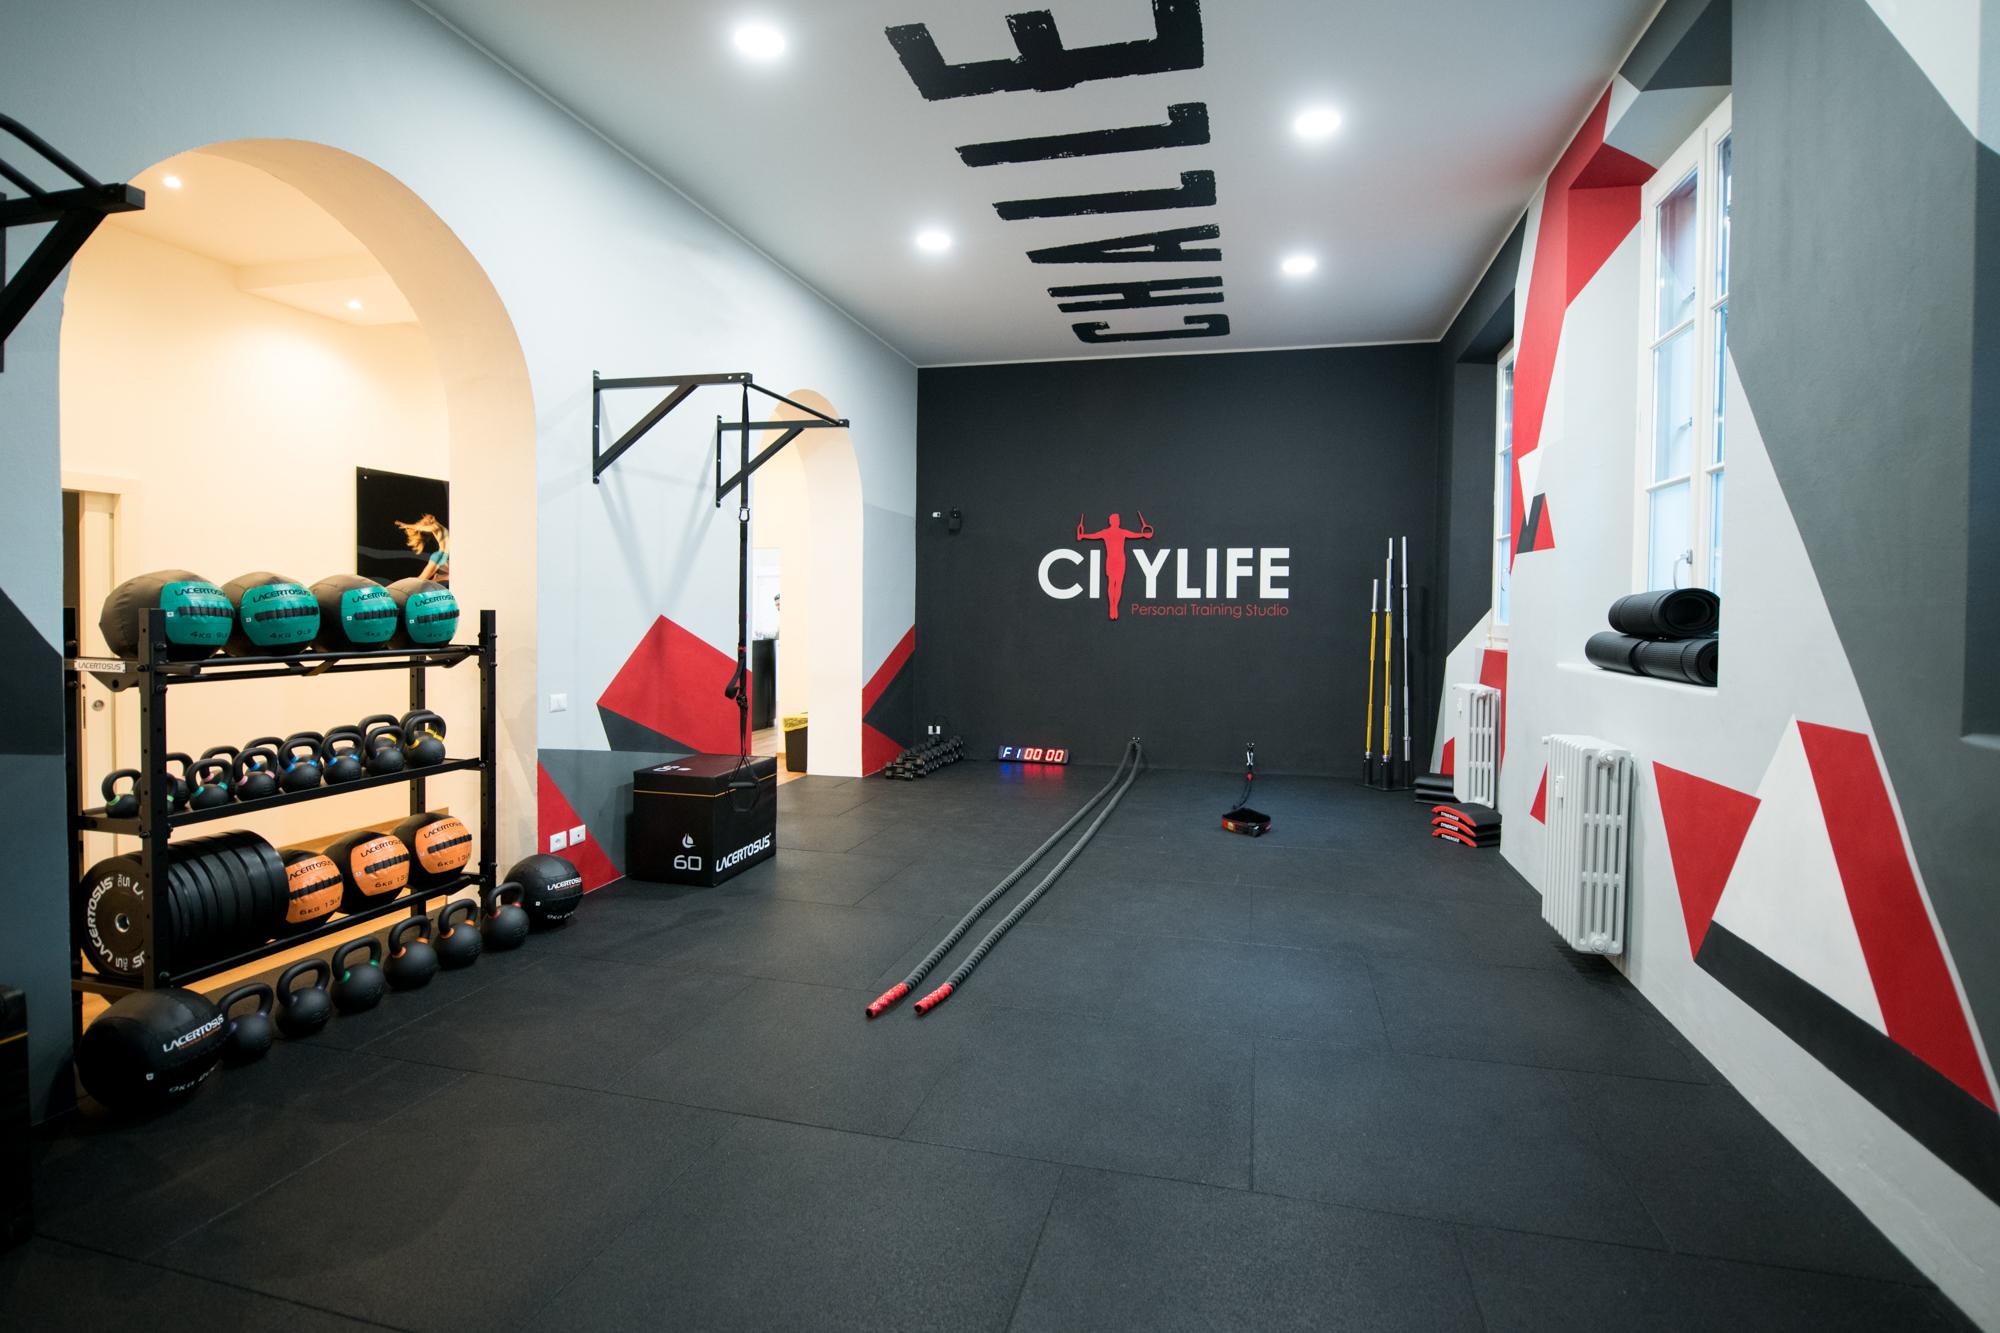 Apre a Milano una palestra super innovativa CITYLIFE PT STUDIo allenamento funzionale pilates